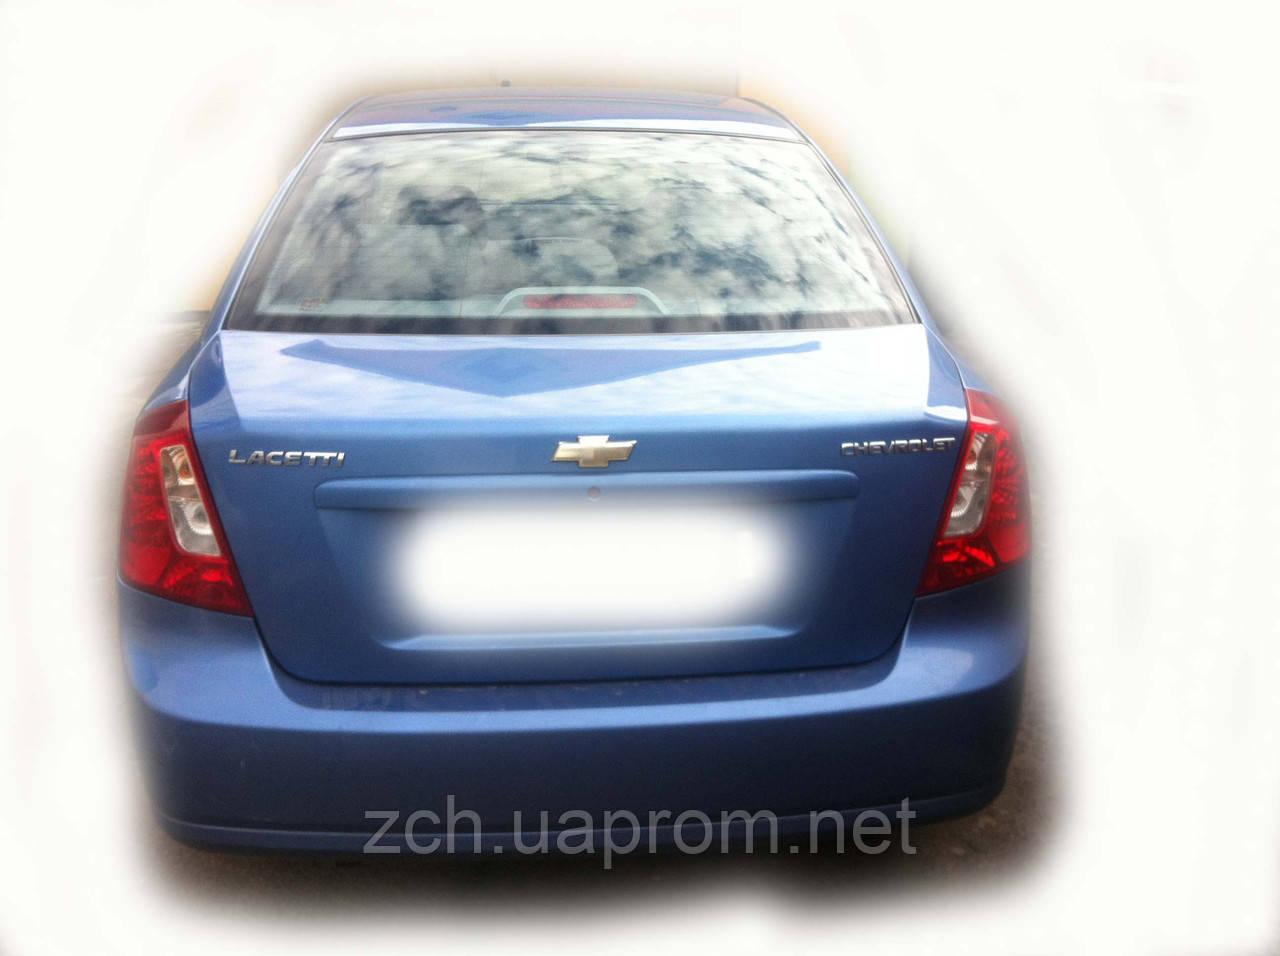 Скло заднє Chevrolet Lachetti